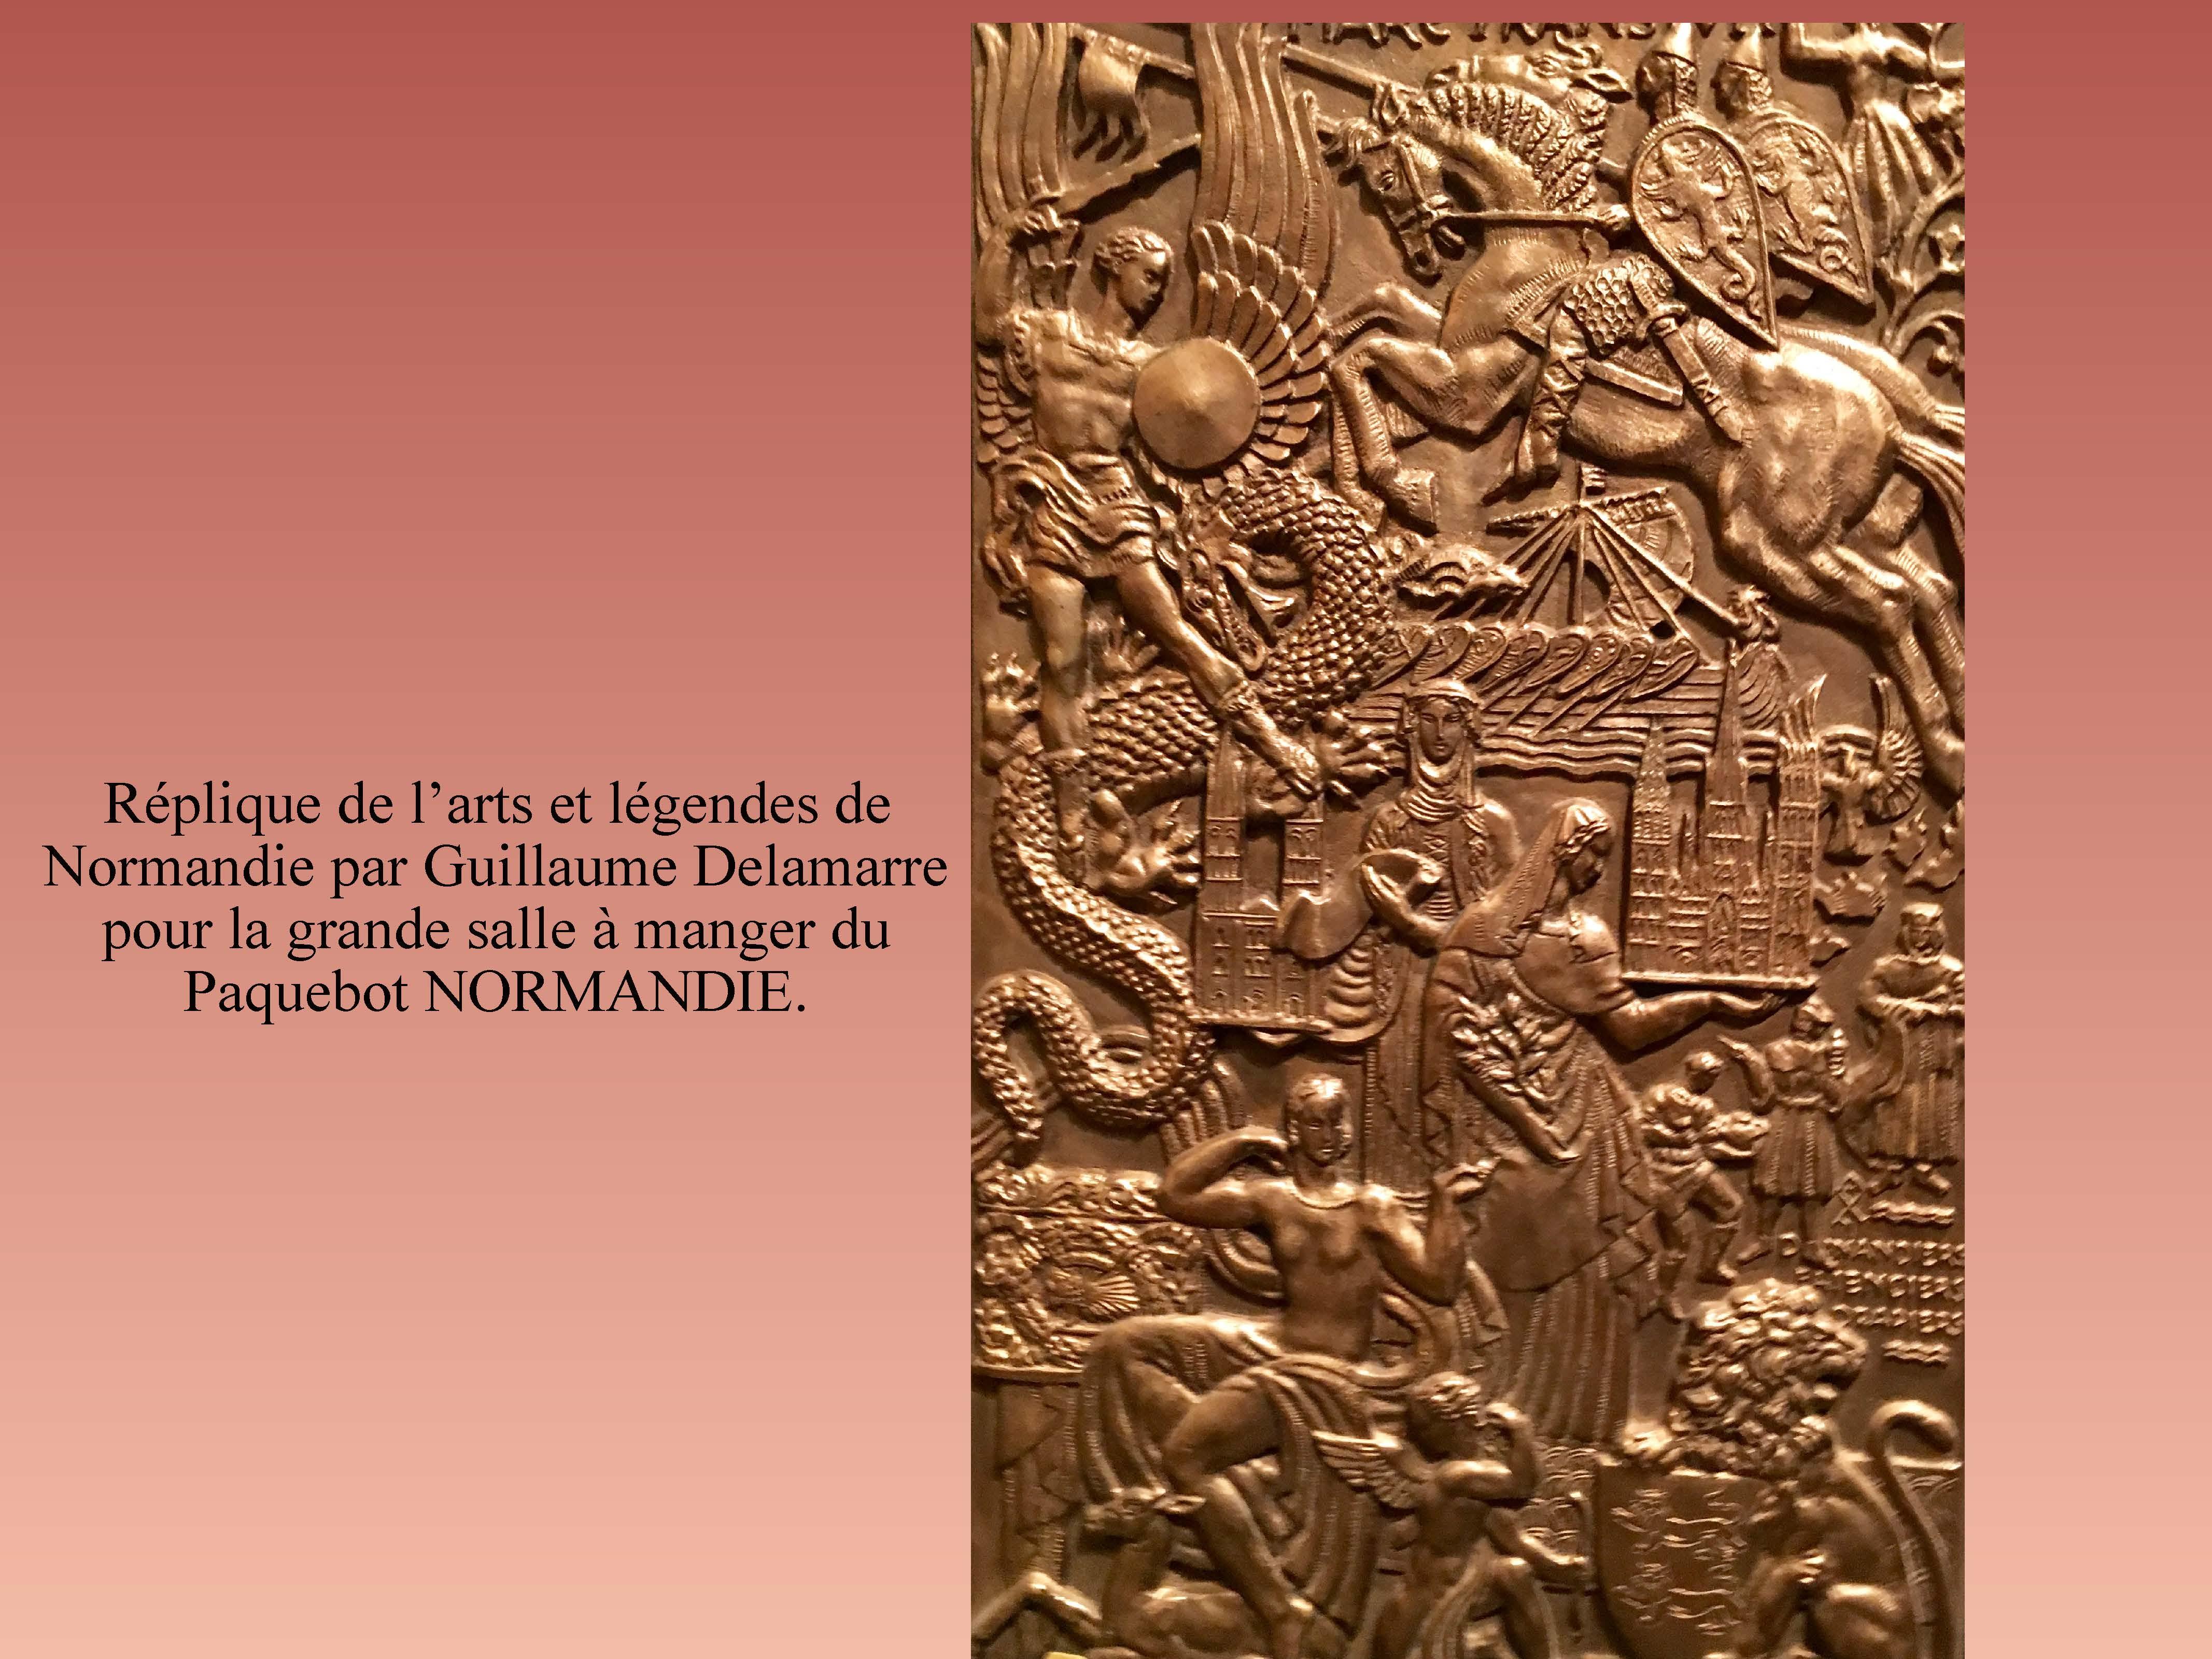 PAQUEBOT DU PASSÉ EXPOSITION AU VICTORIAN ET ALBERT MUSEUM_Page_24